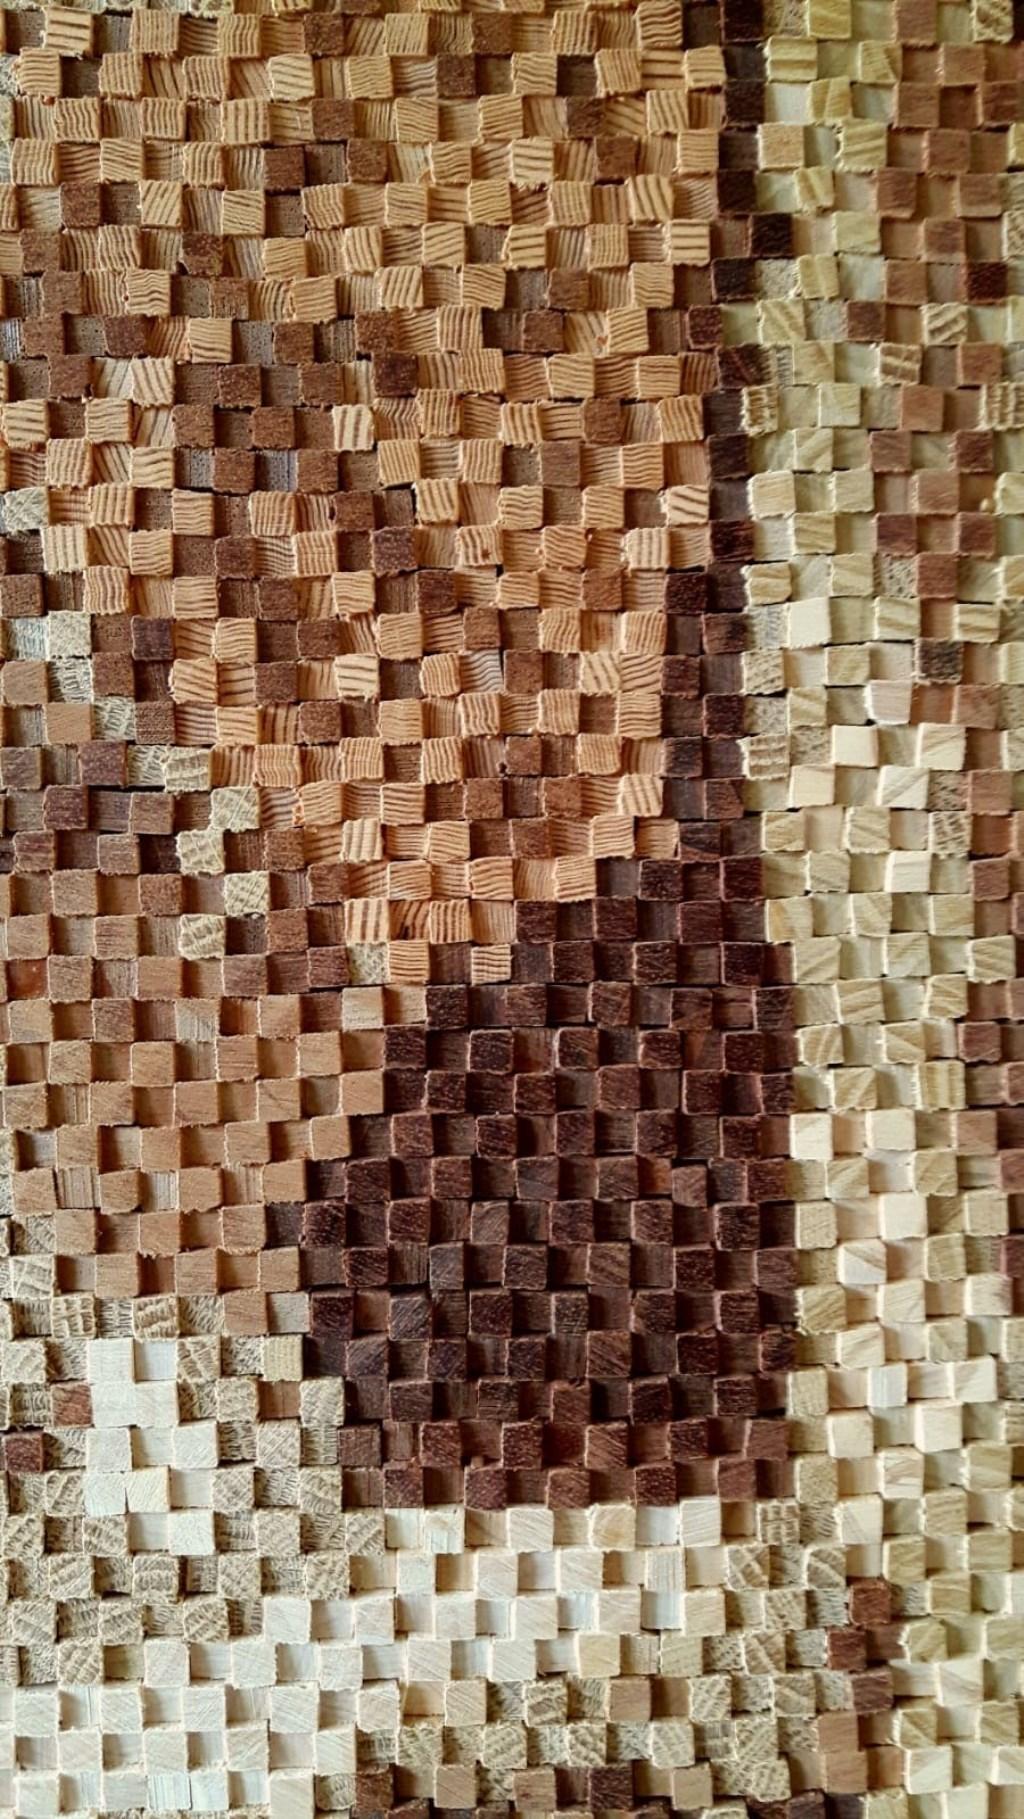 De werkwijze met de houten staafjes in detail gefotografeerd.  (Foto: Aangeleverd) © rodi